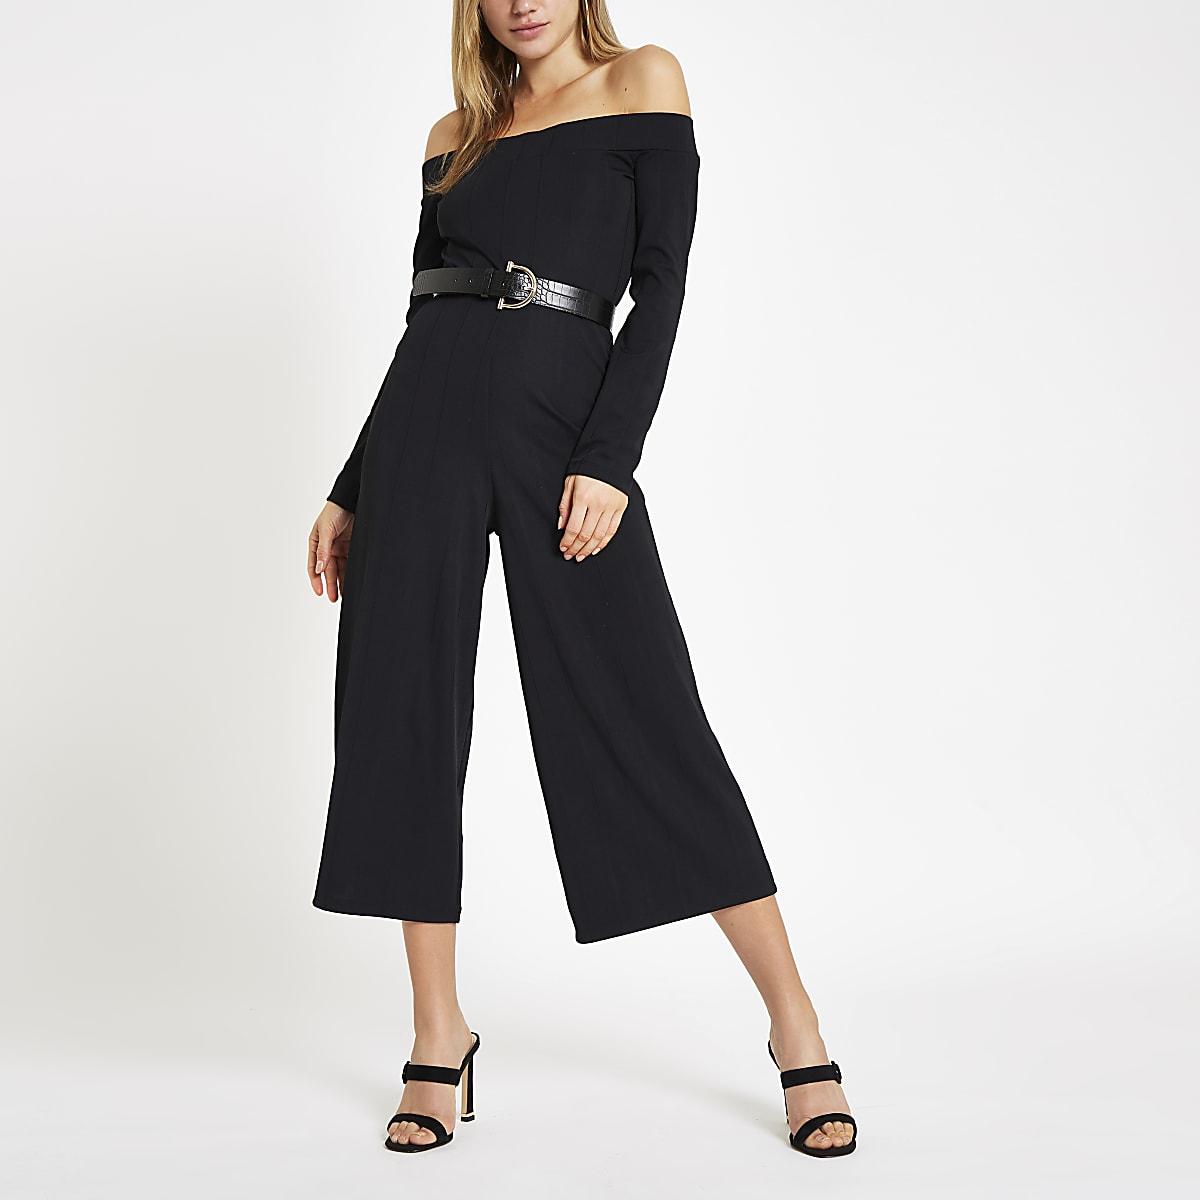 Zwarte geribbelde jumpsuit in bardotstijl met wijde pijpen